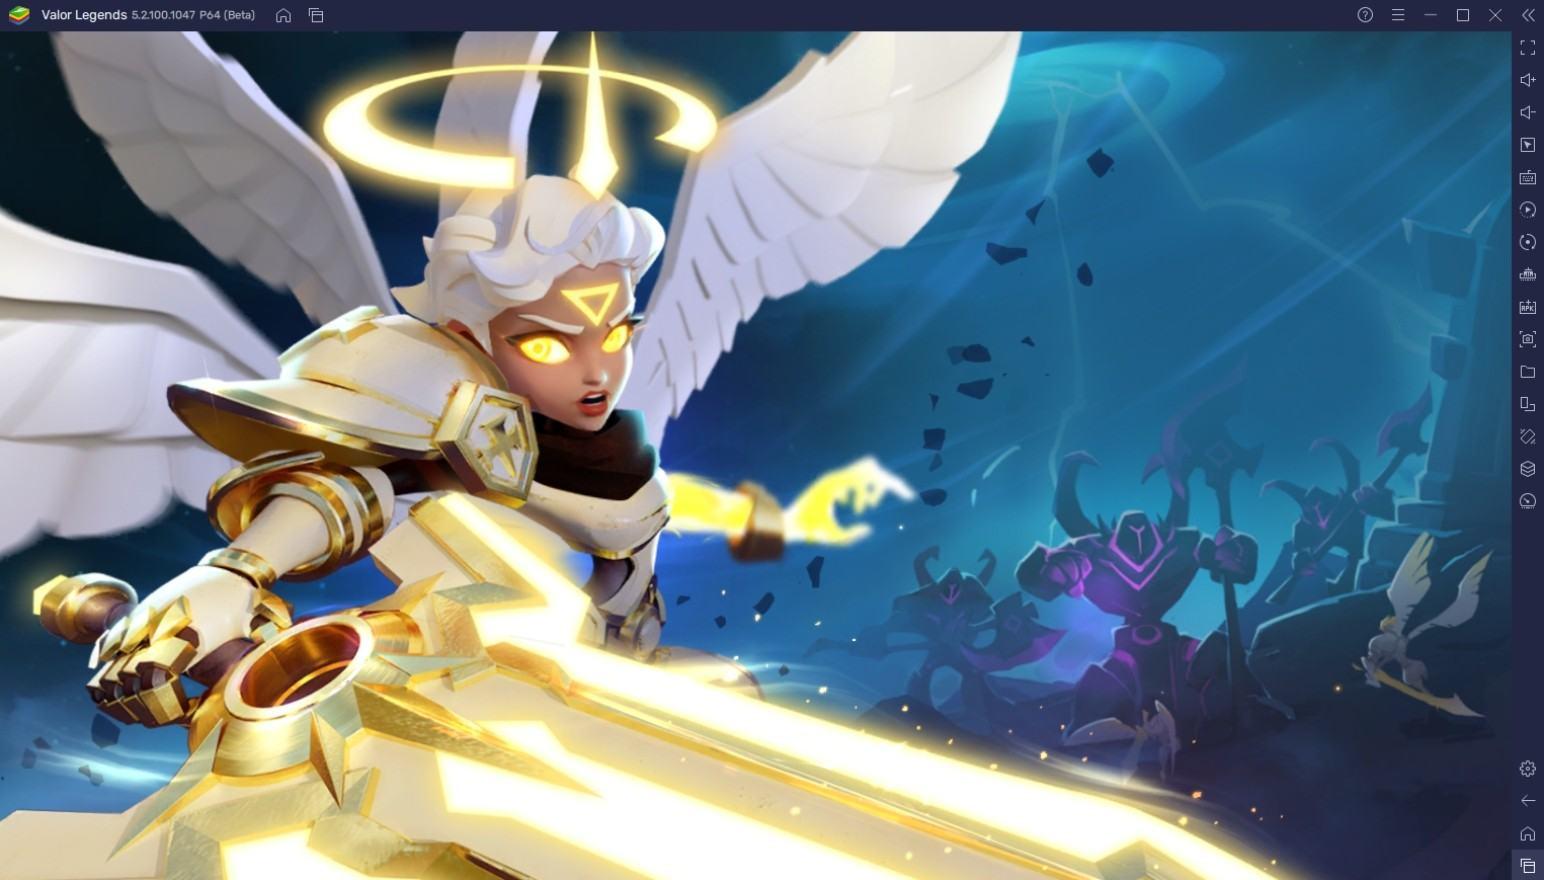 Como Jogar Valor Legends: Eternity no seu PC com o BlueStacks